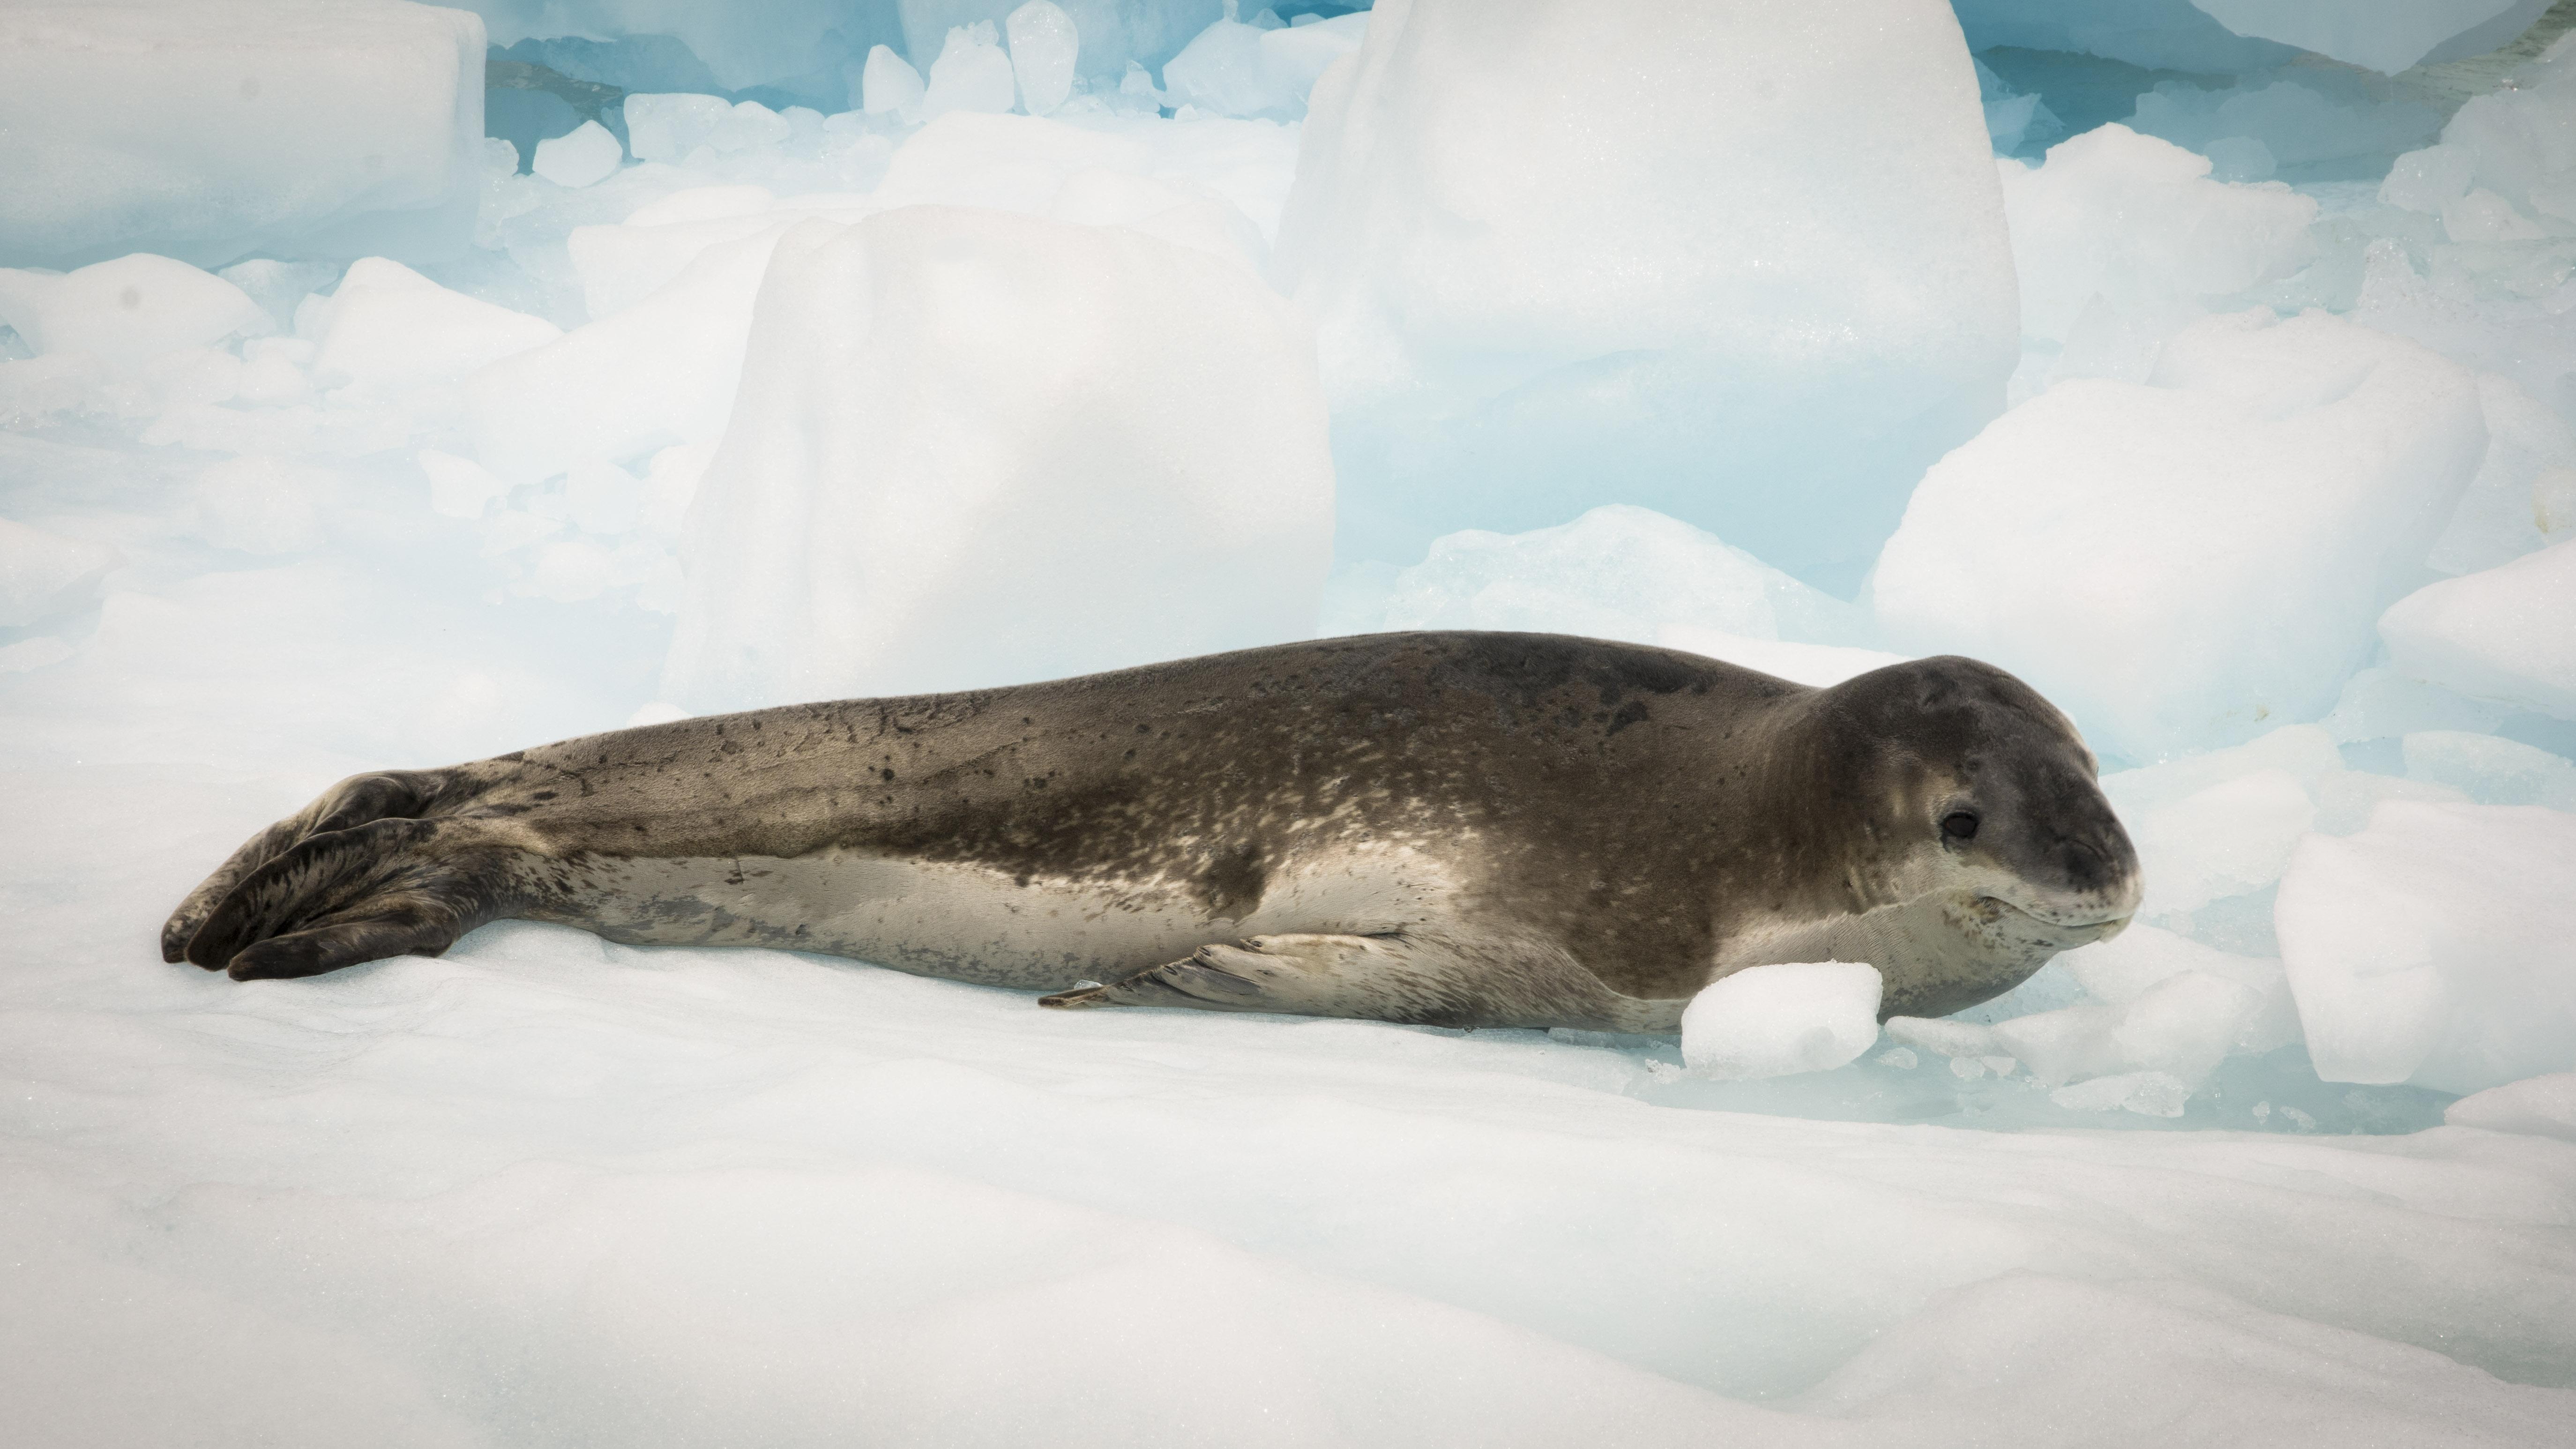 El área marina Seno Almirantazgo protege zonas de descanso, alimentación y reproducción de la foca leopardo. Foto: Jorge Vidal / WCS.